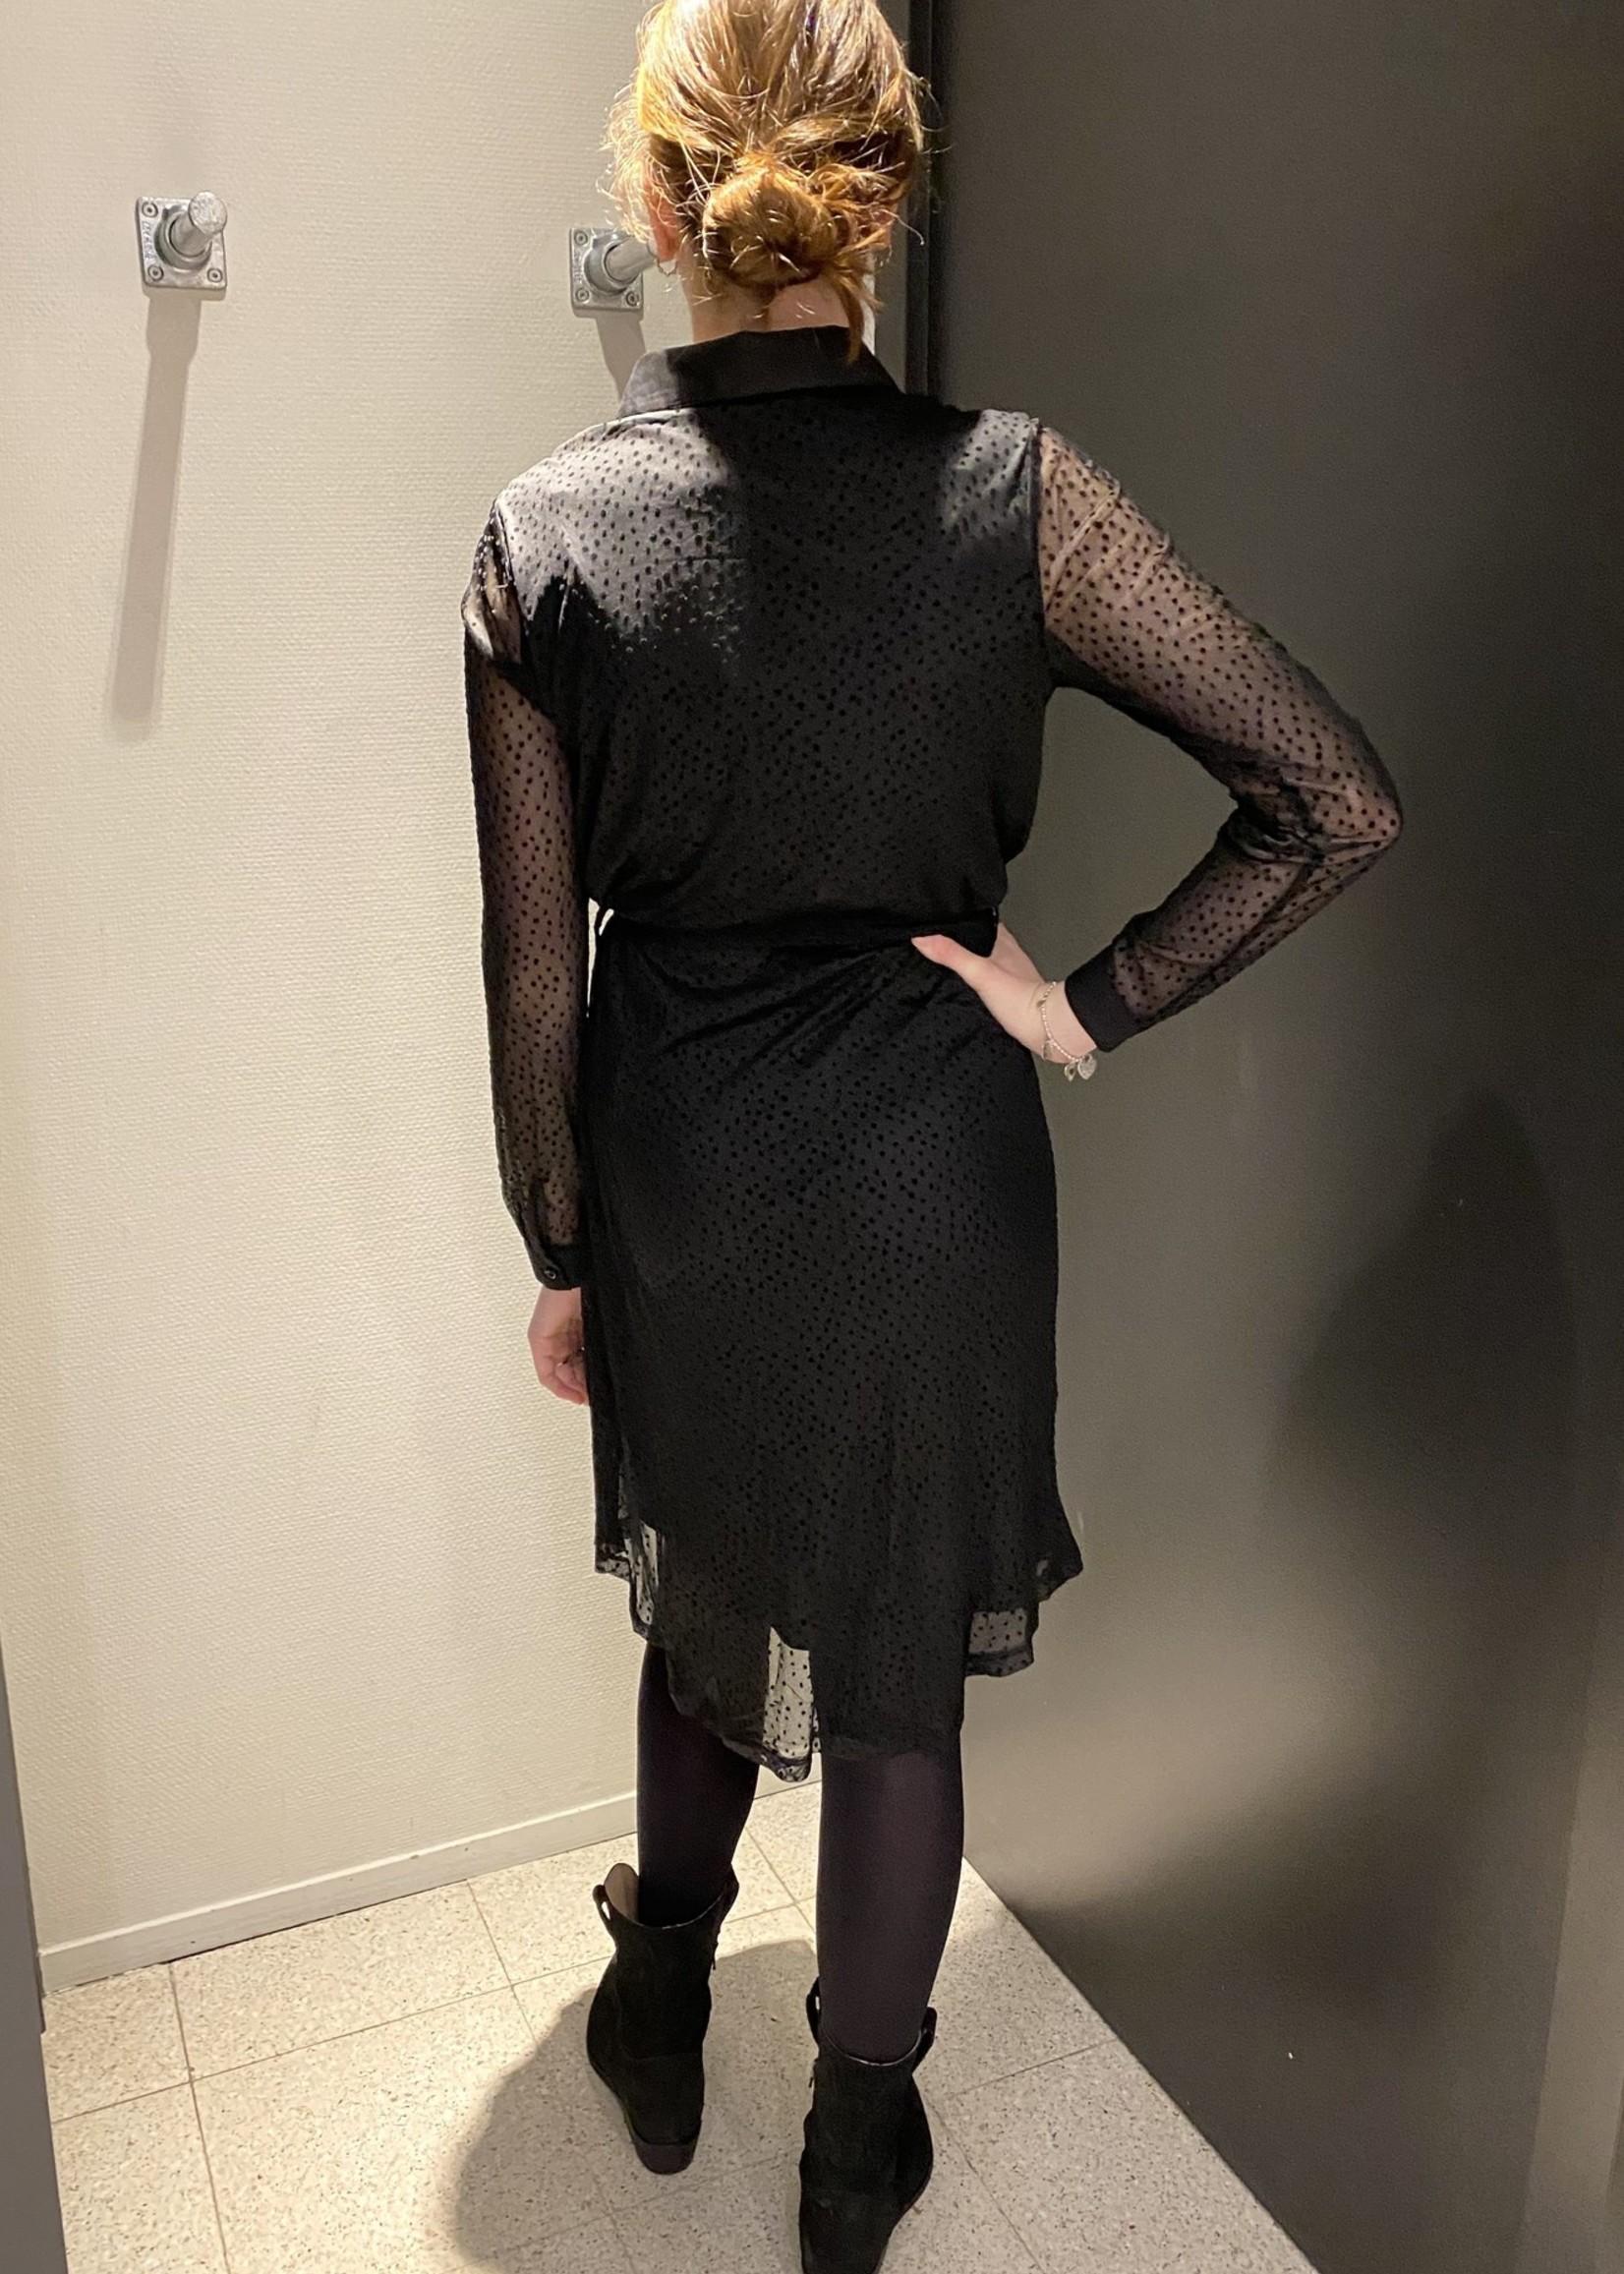 GMAXX Korte jurk van GMAXX